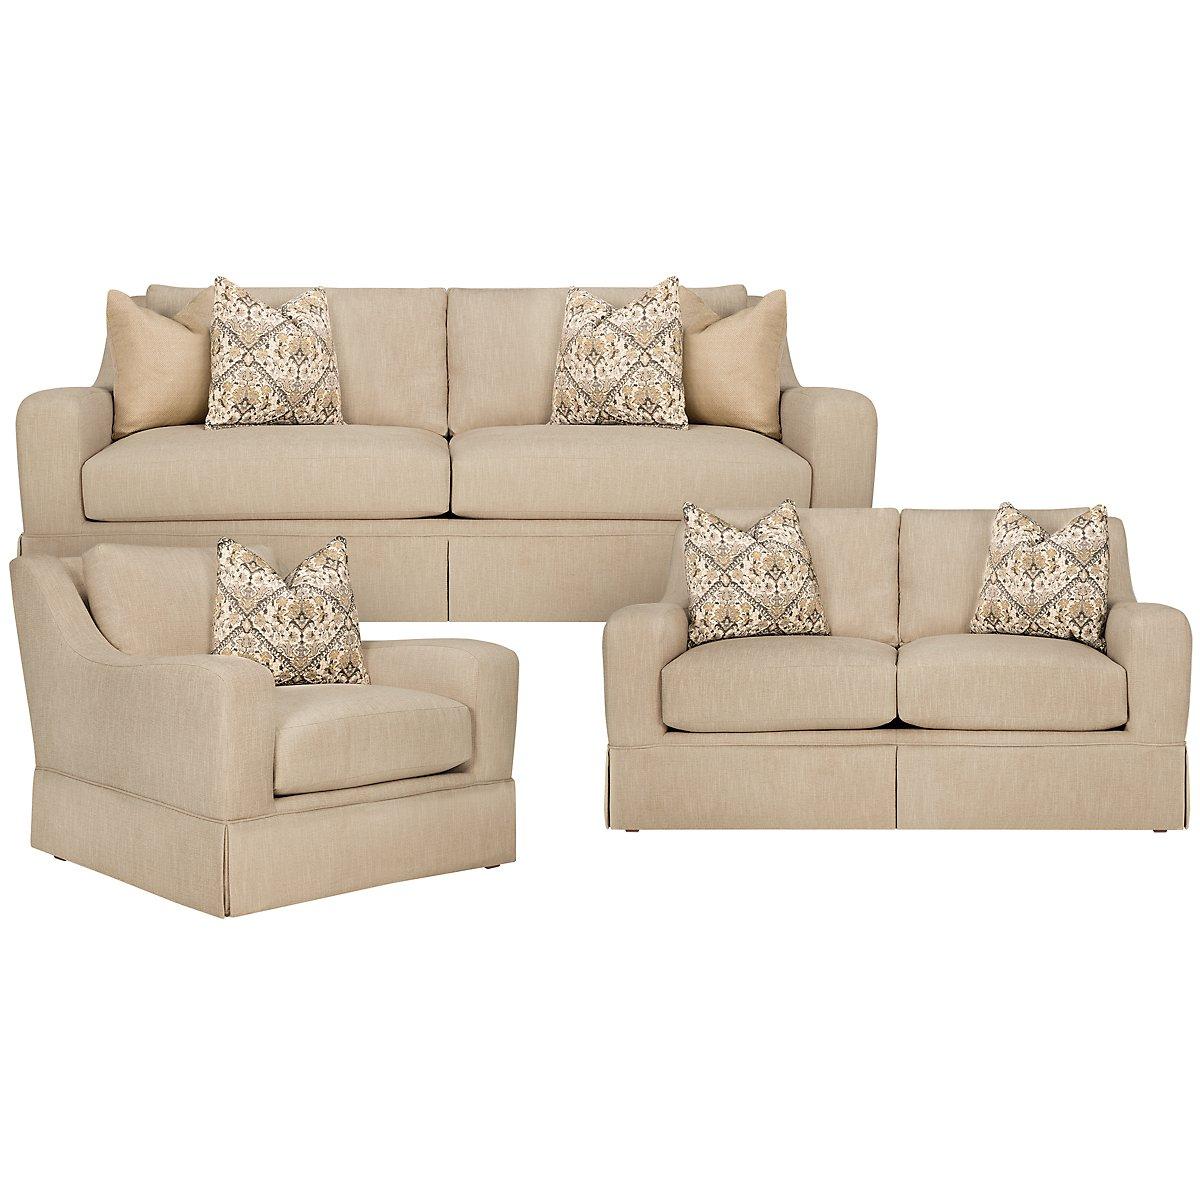 Hallie Beige Fabric Living Room